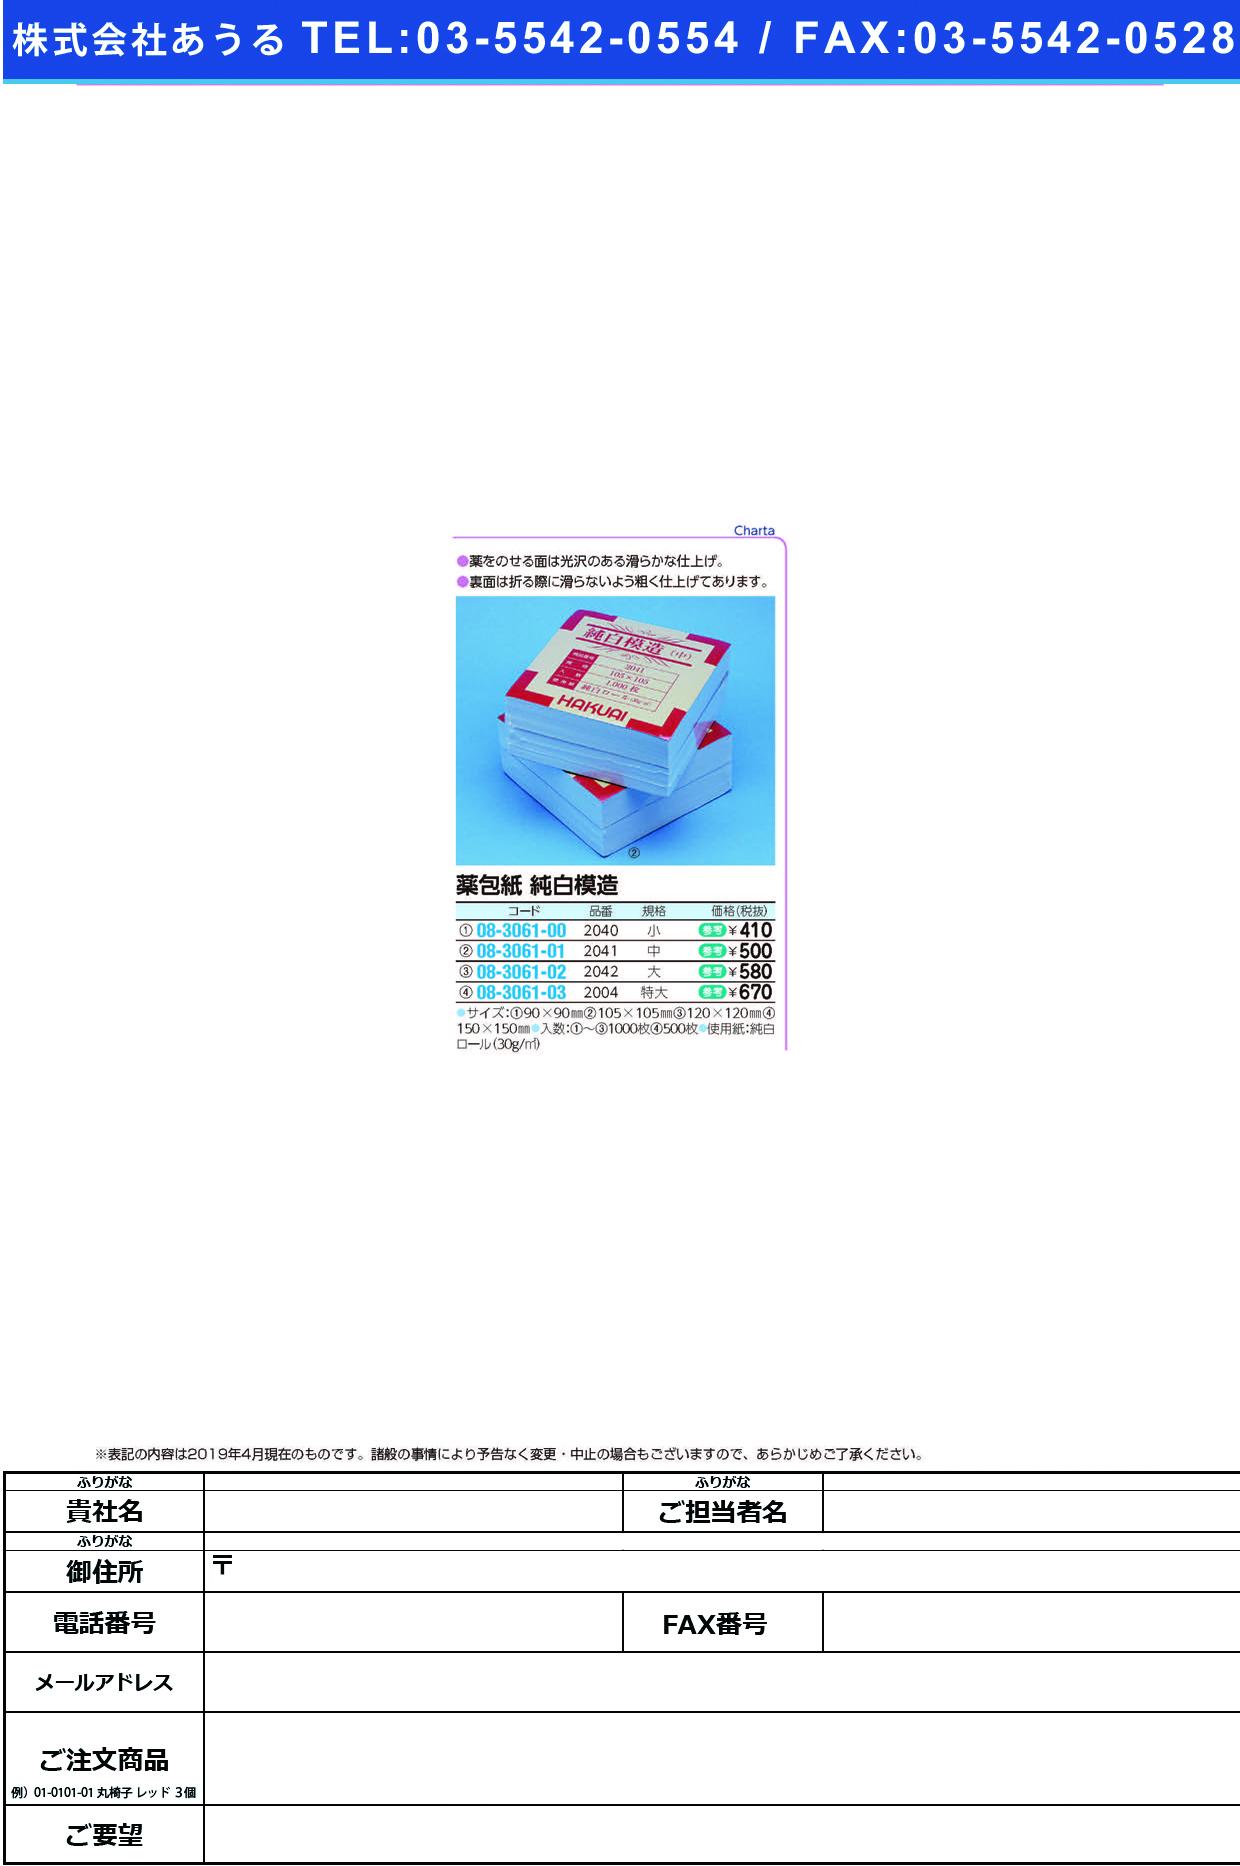 薬包紙(純白模造)大 2042(120X120)1000マイ ヤクホウシジュンパクモゾウダイ